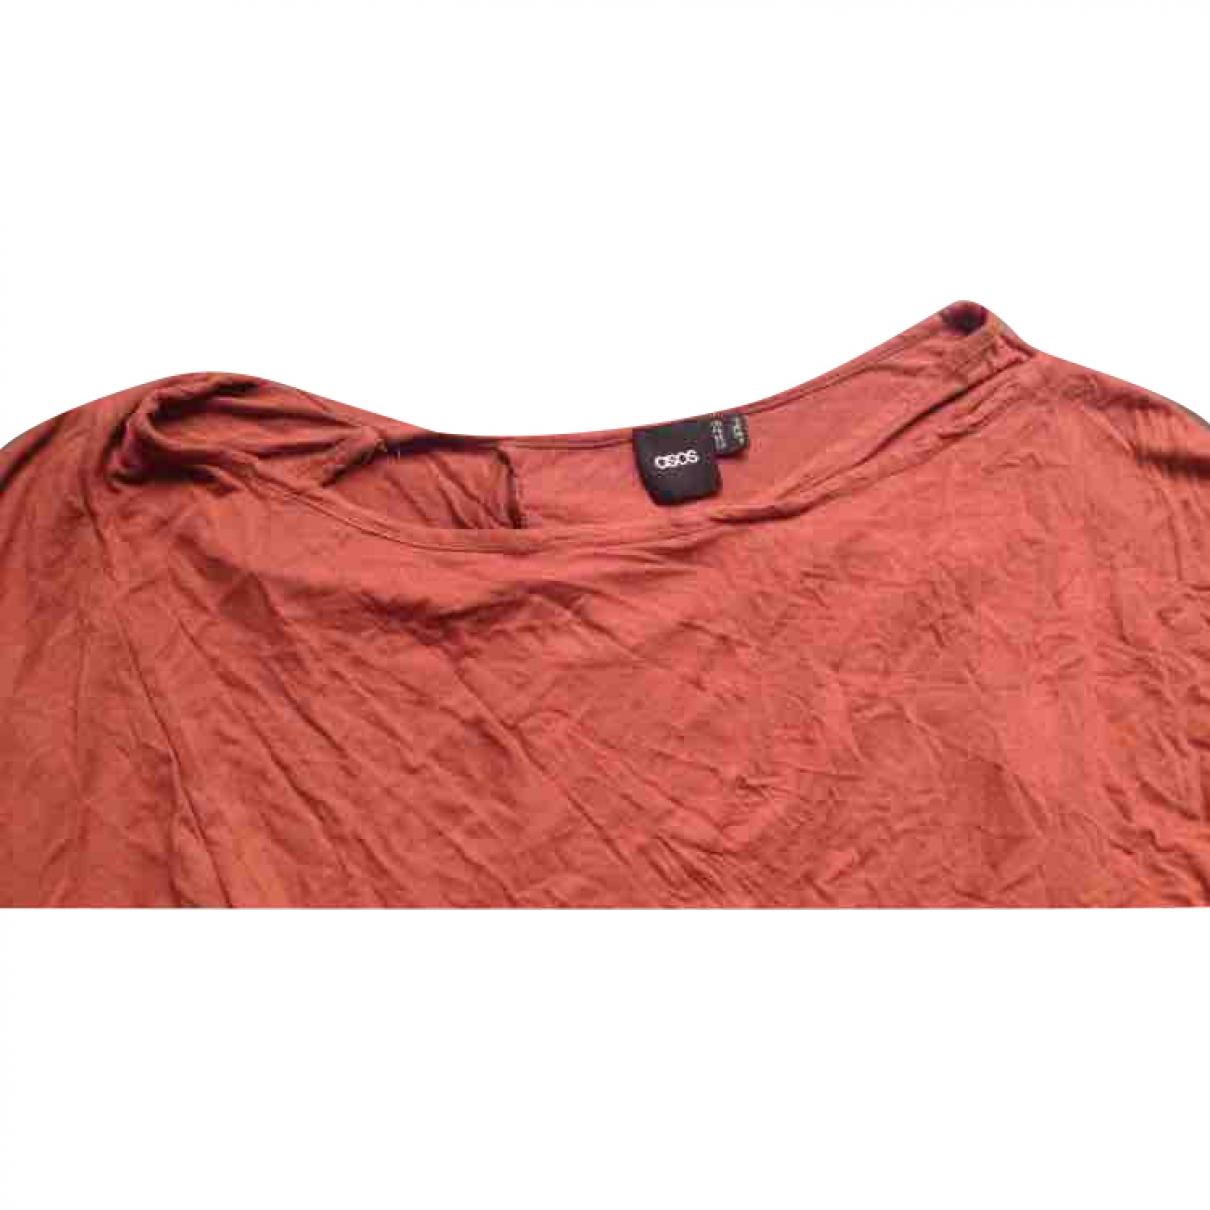 Asos - Top   pour femme - orange